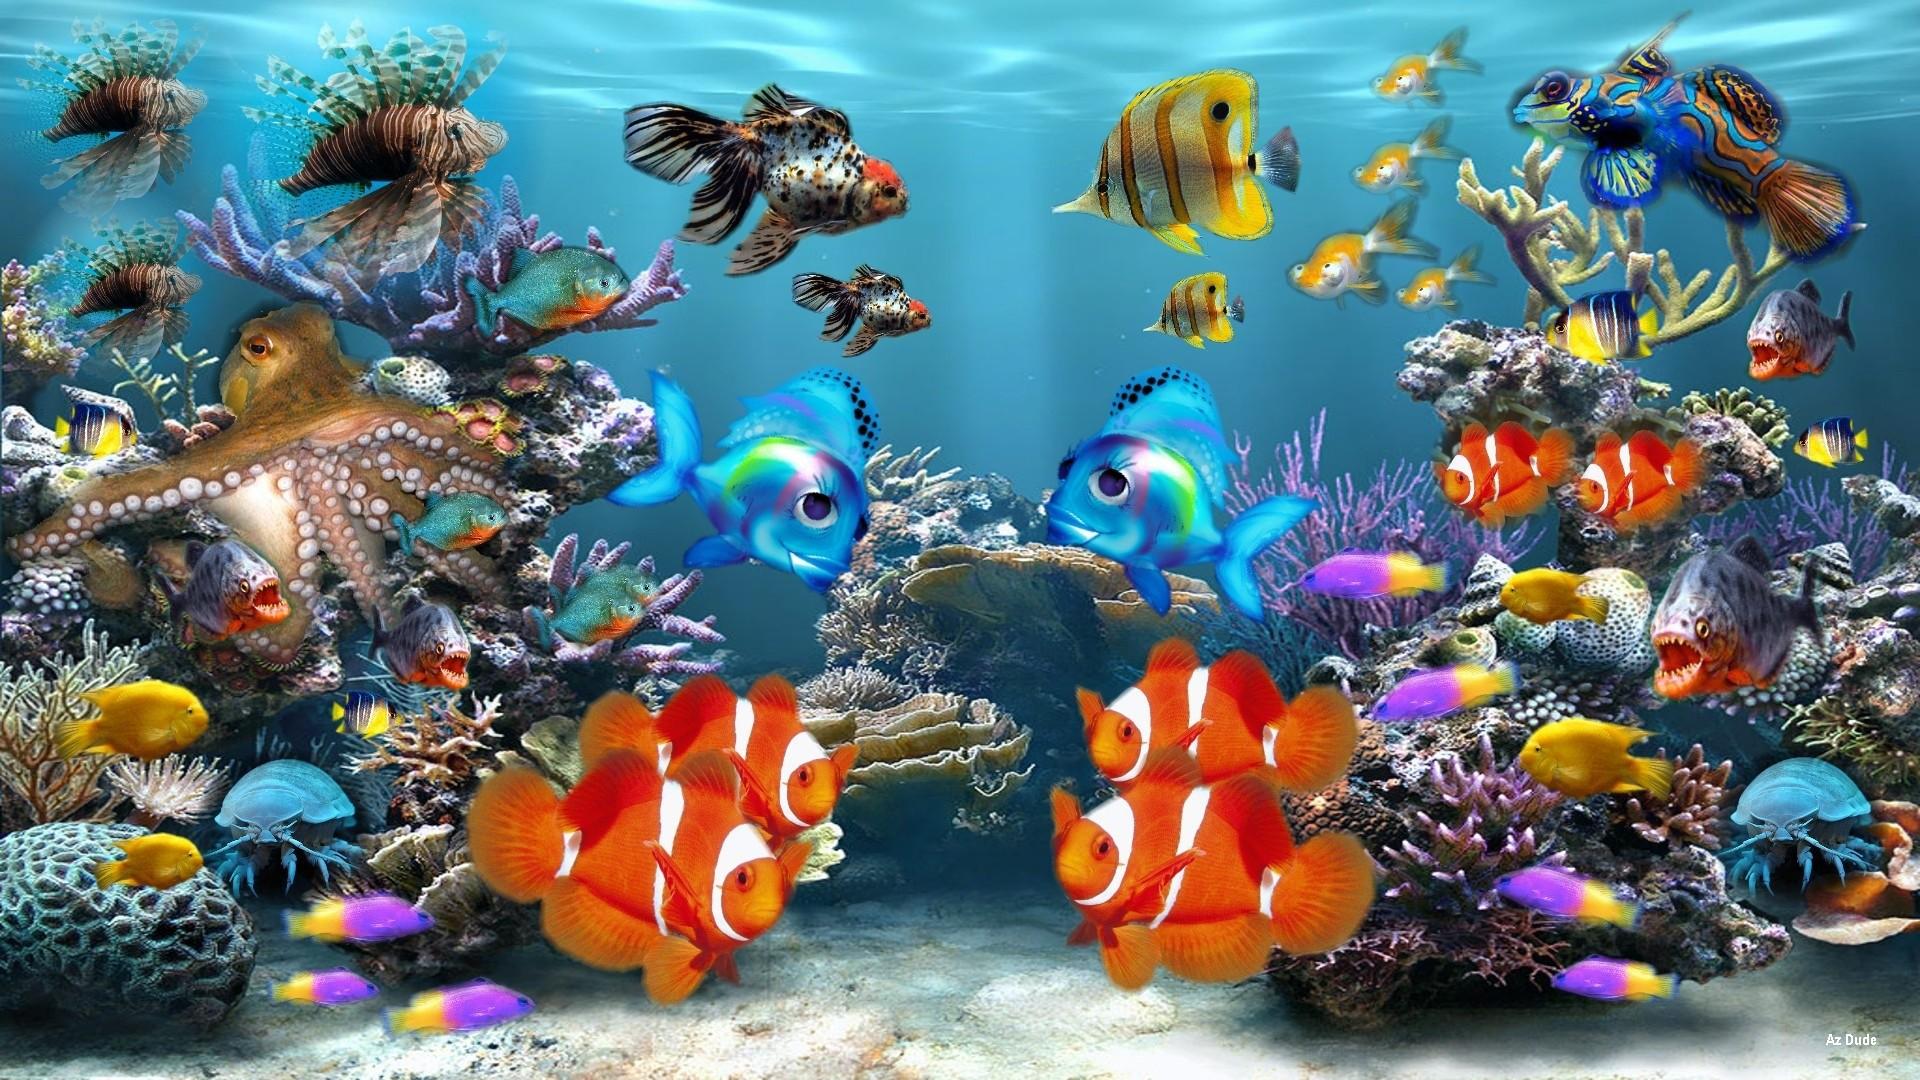 HD Fish Wallpaper Find Best Latest HD Fish Wallpaper For Your PC HD Fish  Wallpaper Find